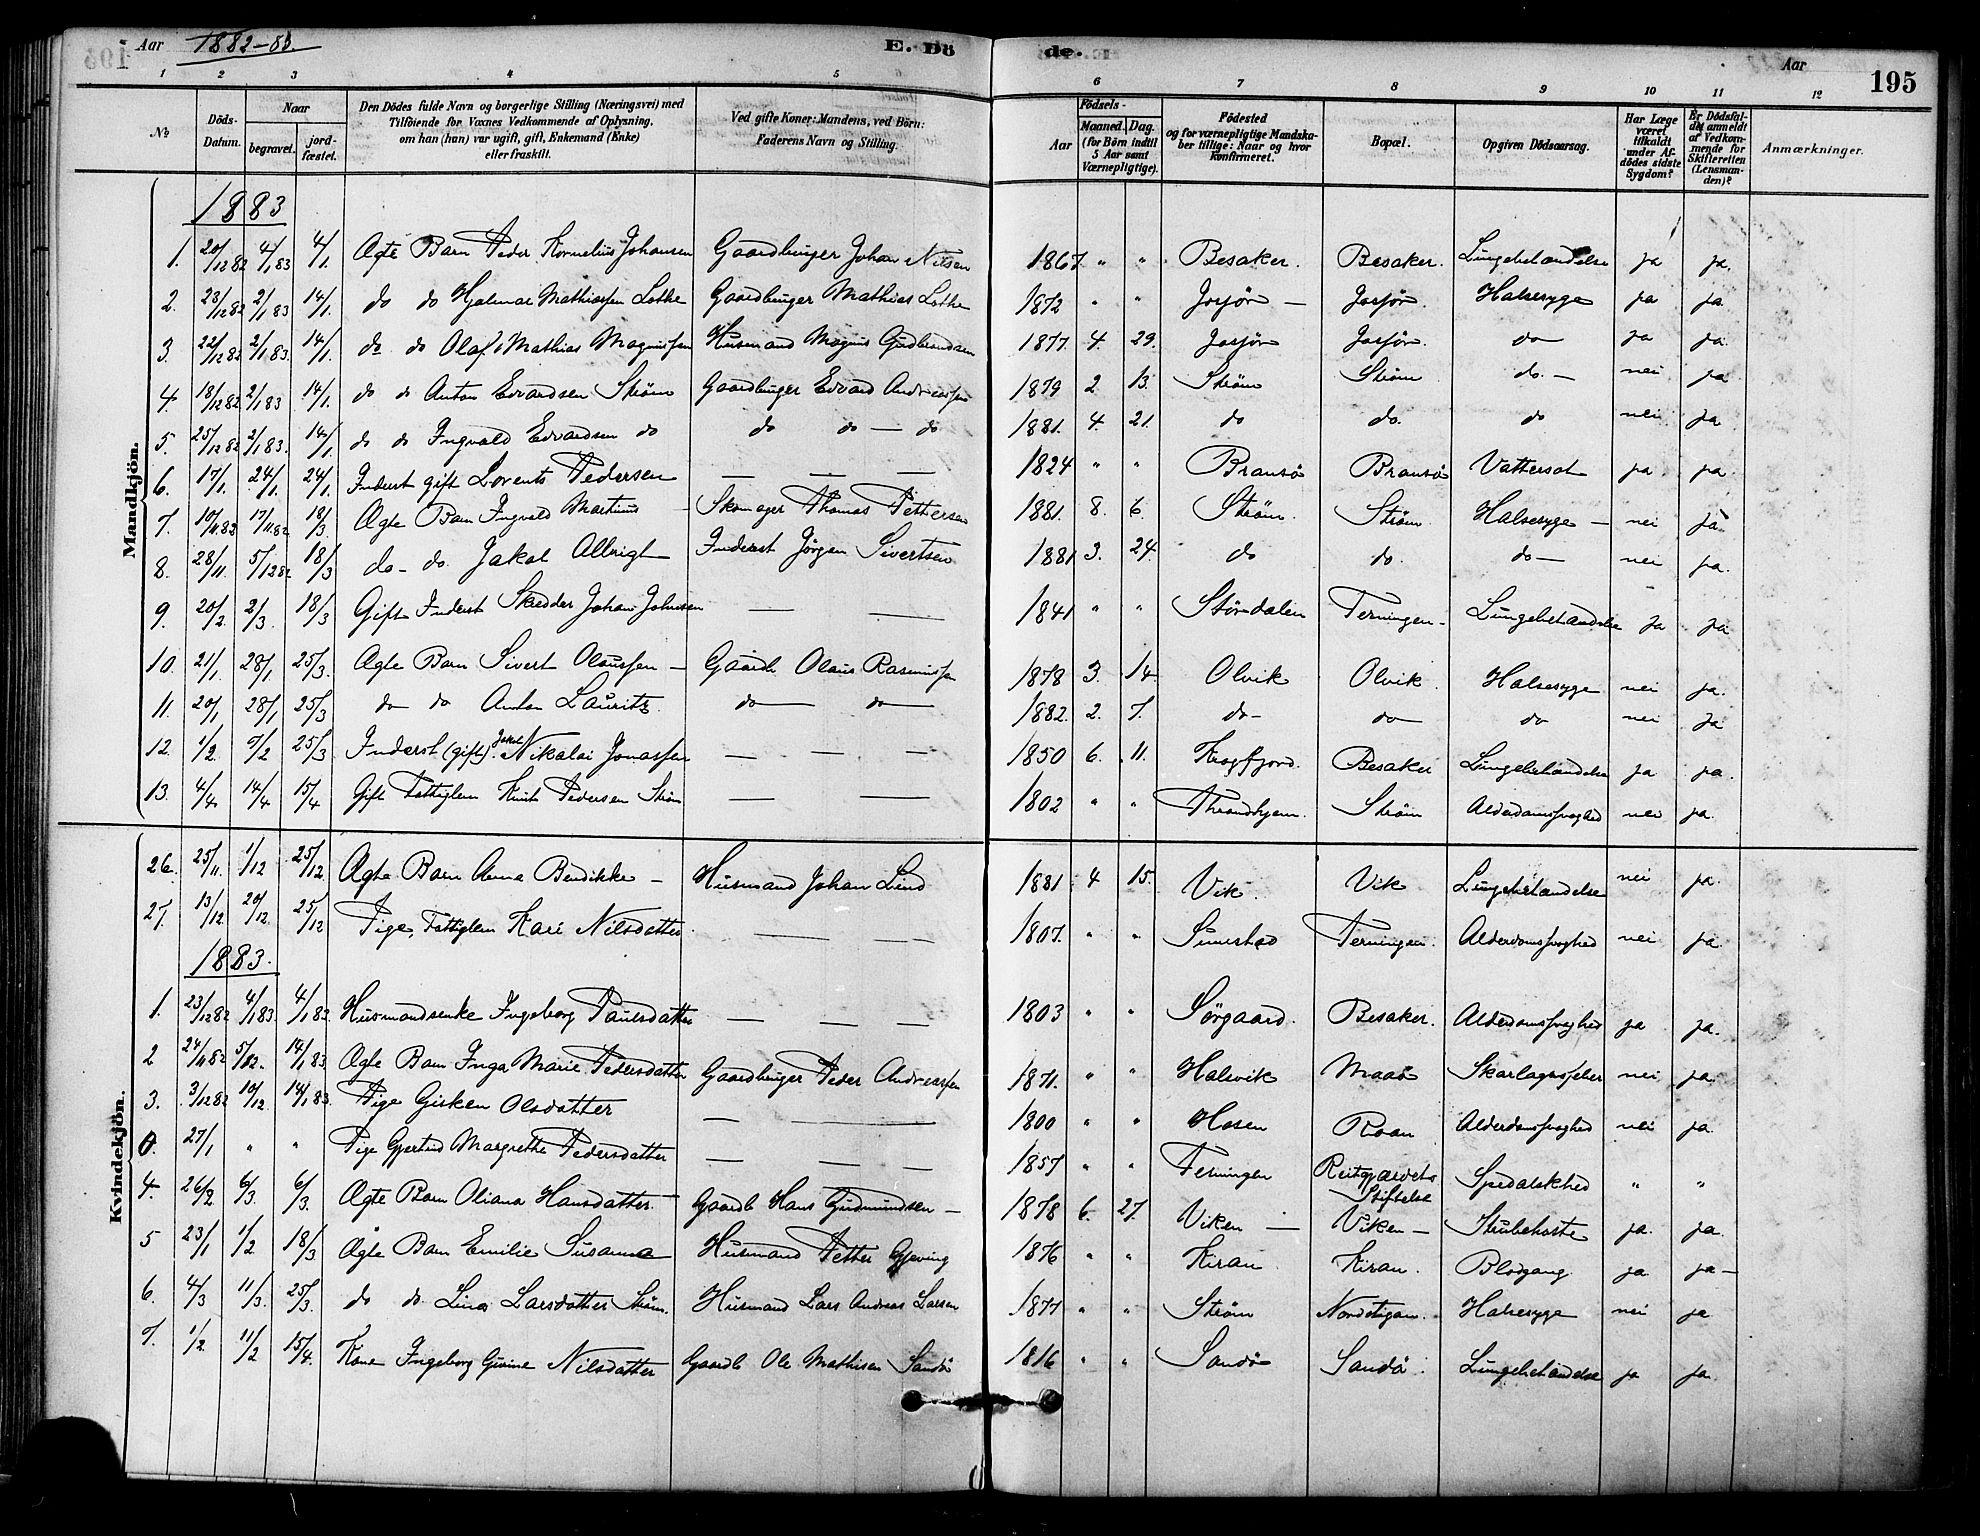 SAT, Ministerialprotokoller, klokkerbøker og fødselsregistre - Sør-Trøndelag, 657/L0707: Ministerialbok nr. 657A08, 1879-1893, s. 195